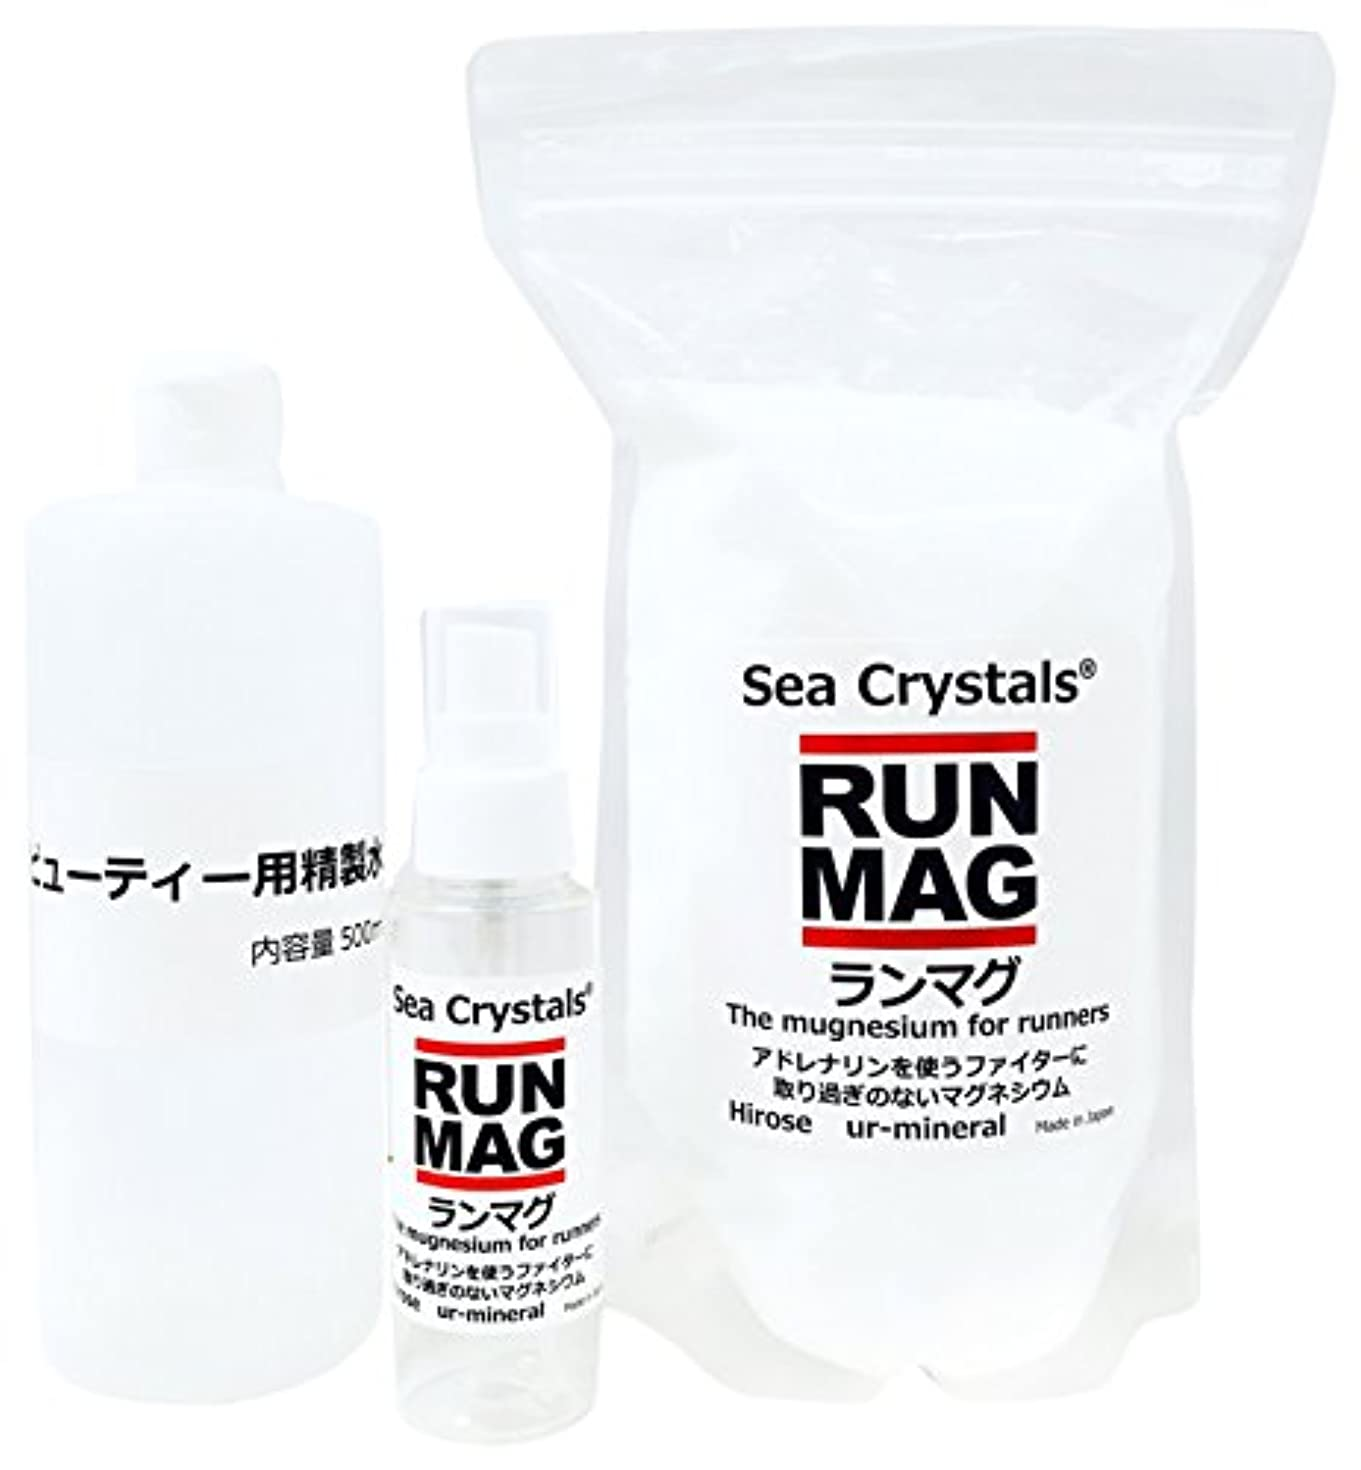 波紋ハンディ開いたランマグ?マグネシウムオイル 500g 化粧品登録 日本製 1日マグネシウム360mg使用  精製水付き